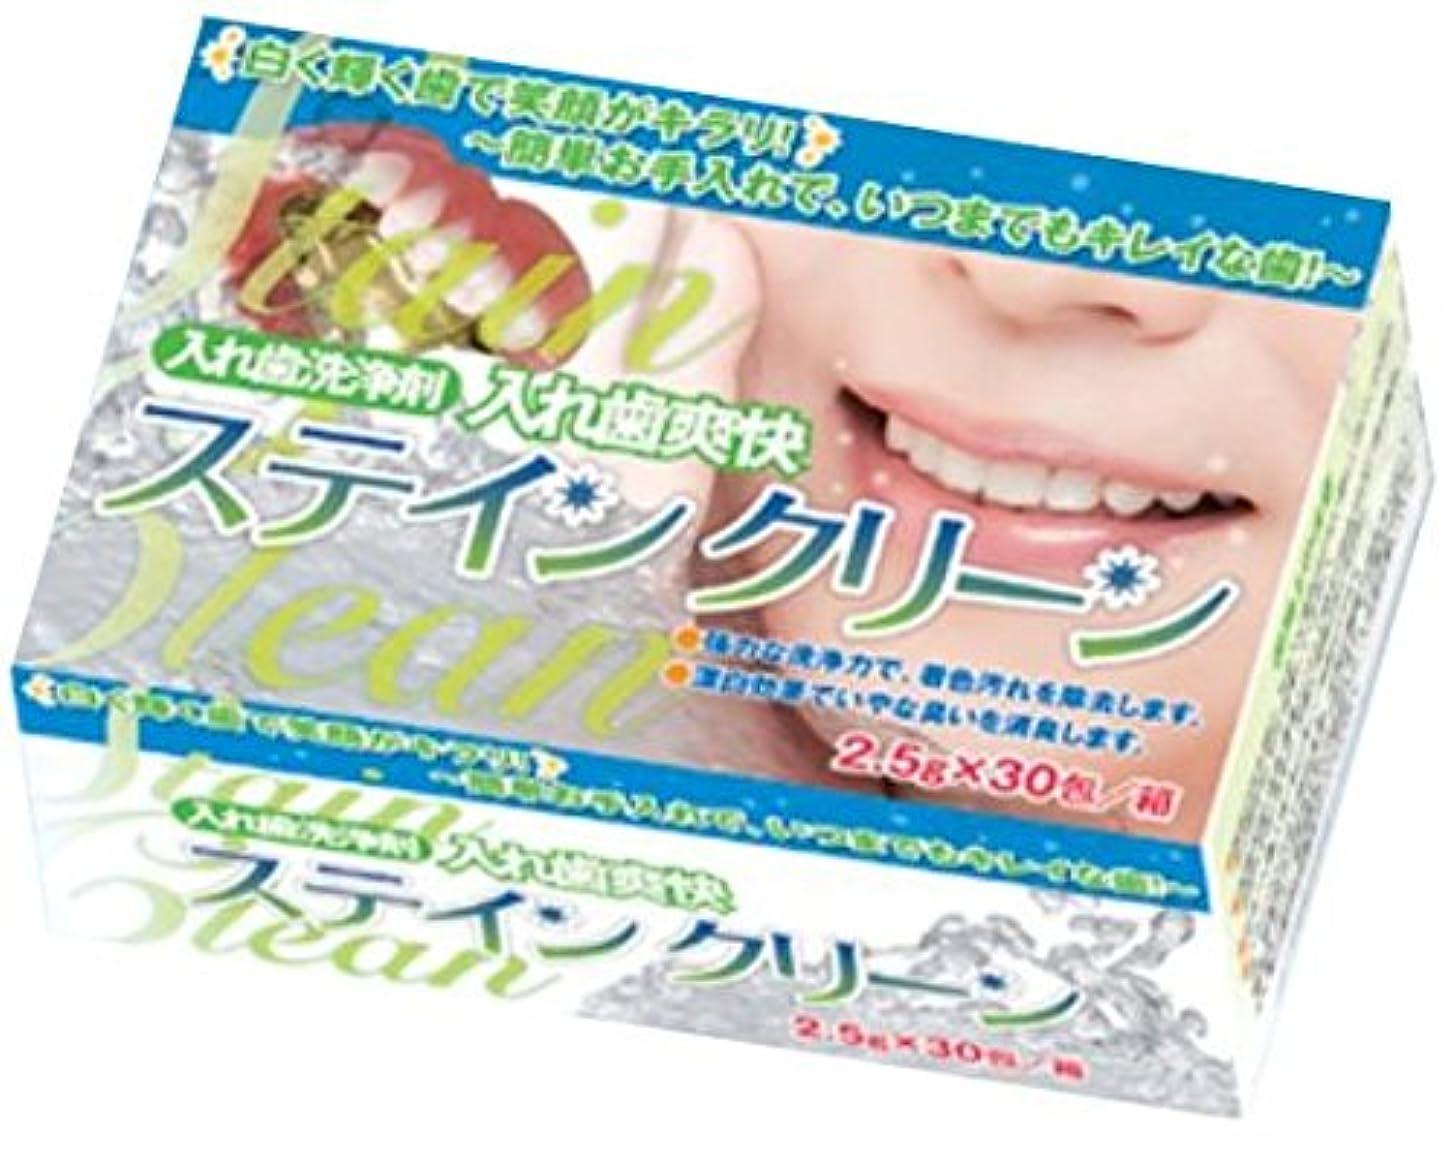 ローラー枯れる月曜日入れ歯爽快 ステインクリーン 1箱(2.5g × 30包入り) 歯科医院専売品 (1箱)